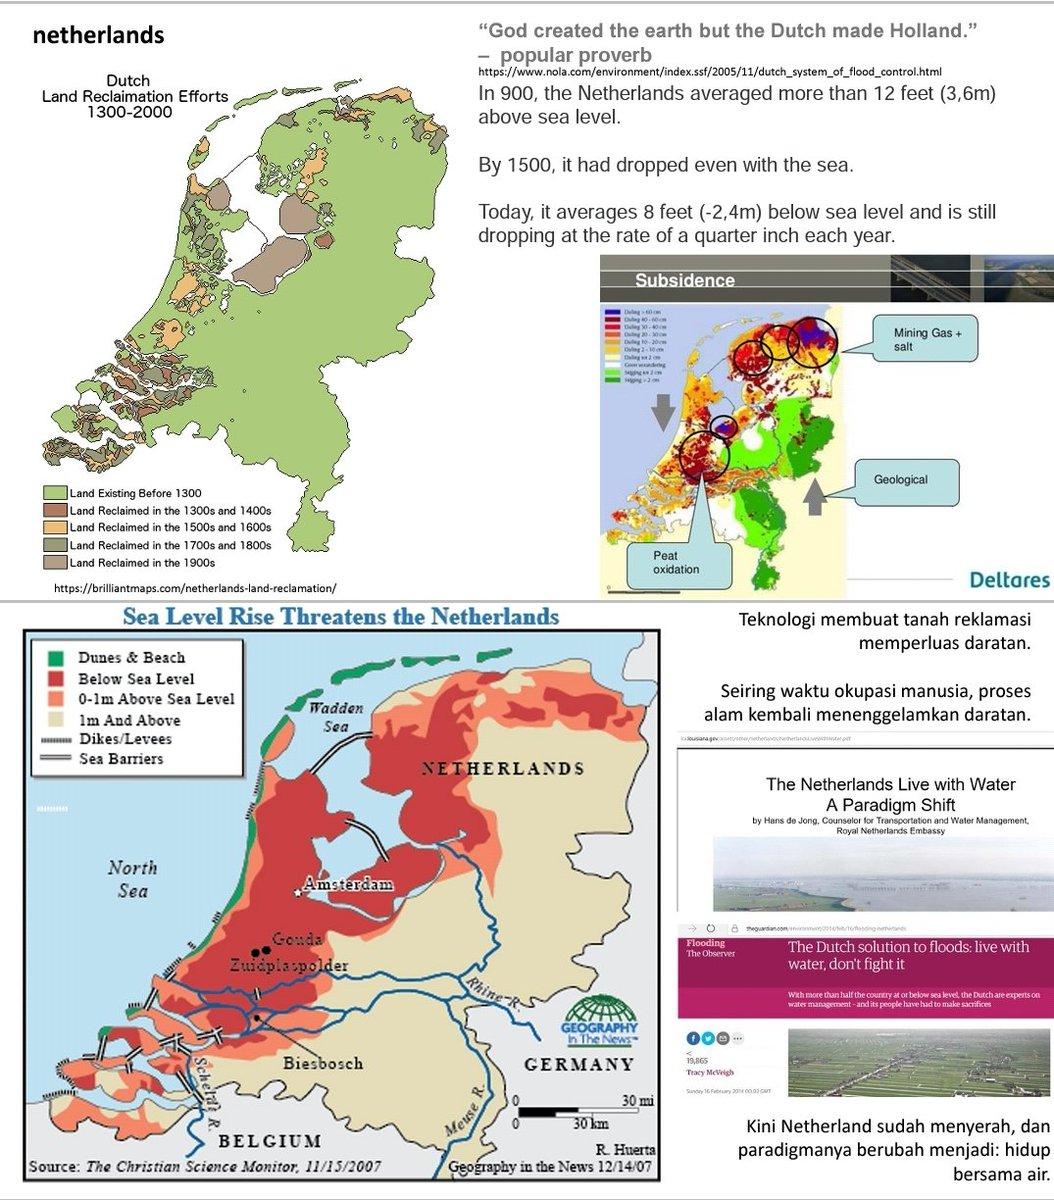 Bang Yos dan semua org yg puji2 Belanda. Faktanya skrg Belanda sudah menyerah kalah thd air dengan sistem poldernya. Kebanjiran. Lalu klaim2 ubah paradigma live with water sbg netherlands solution.  Pd belajar deh ke kp bajo, agats papua, kampung2 air di pontianak, balikpapan,dll pic.twitter.com/oRkHqQBNQR